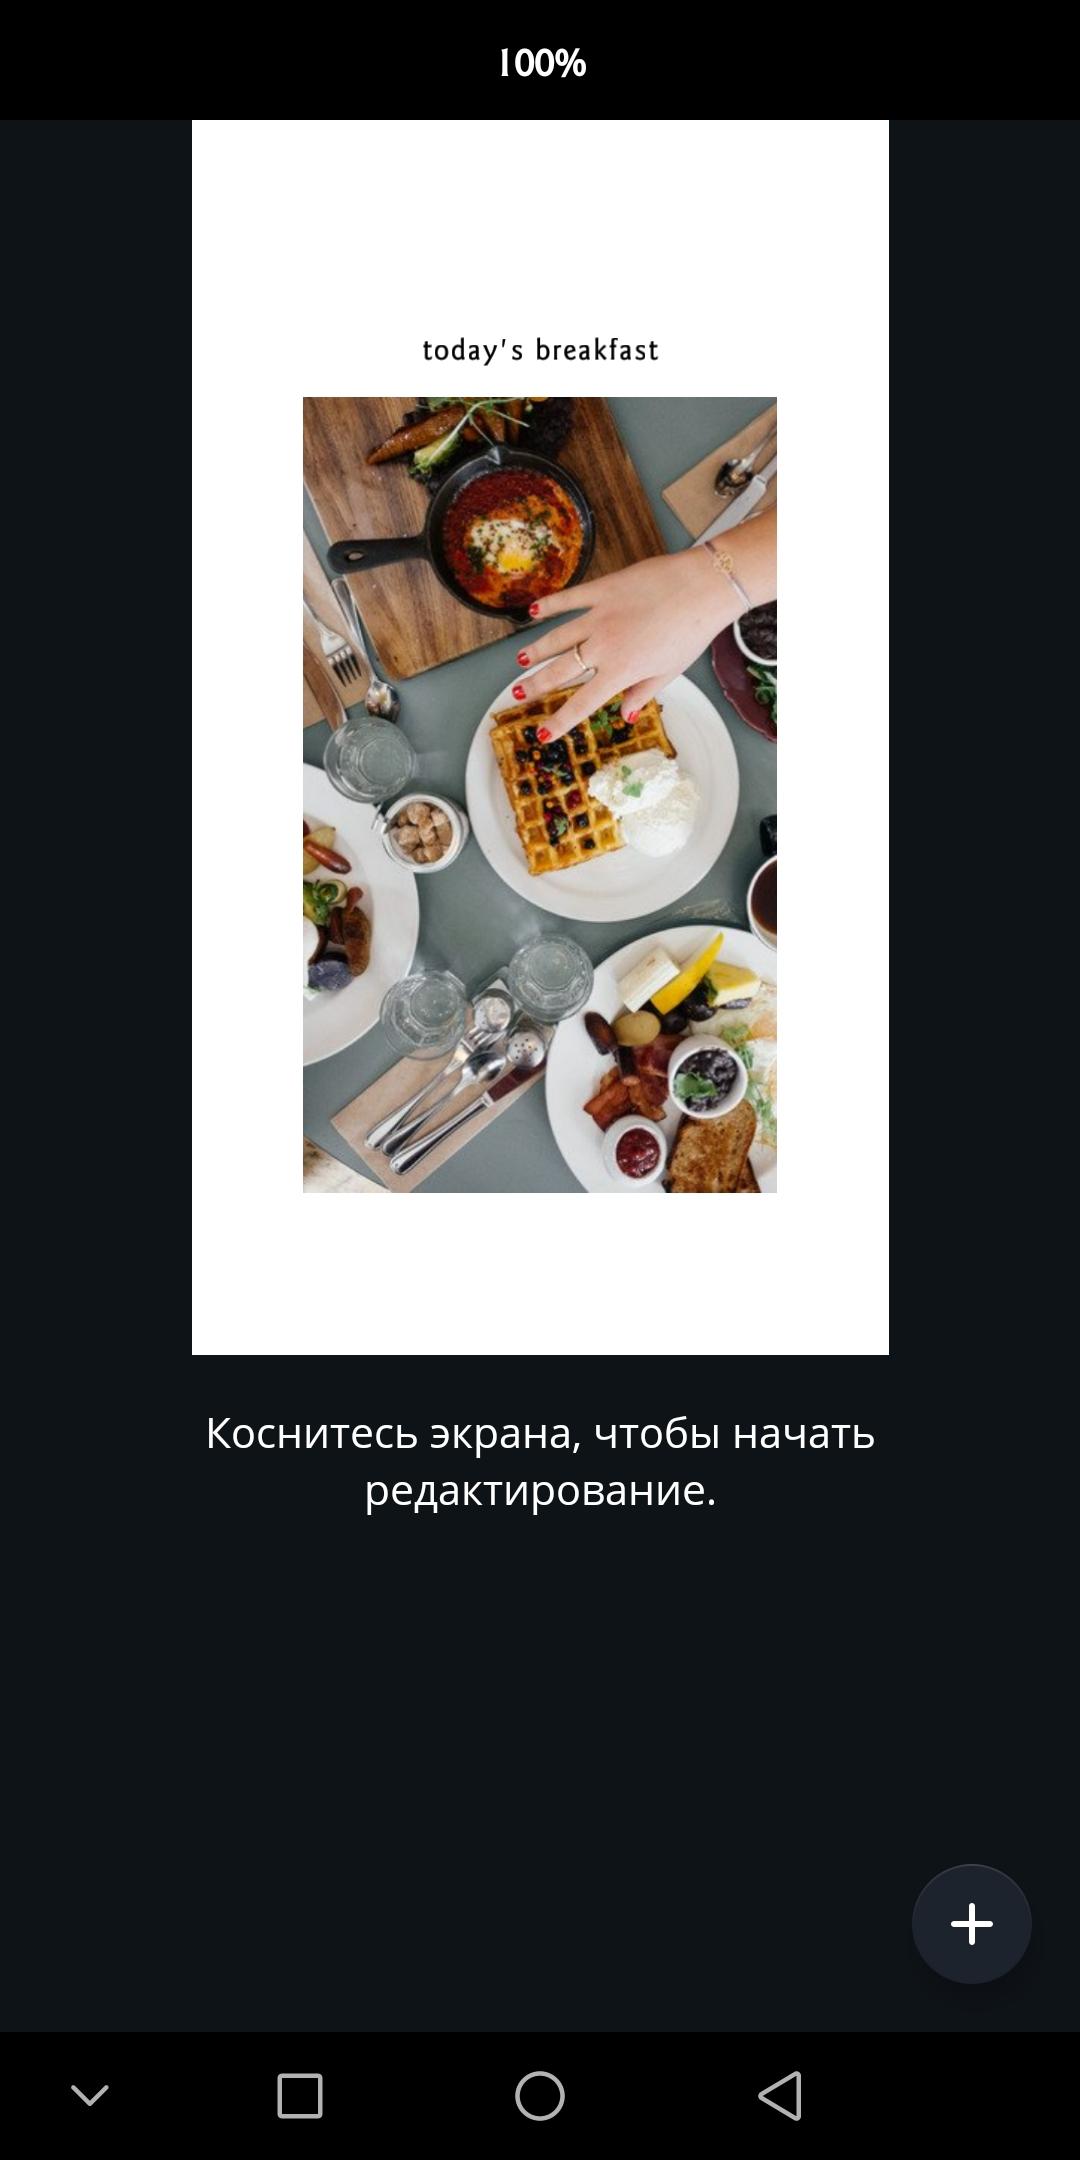 Обзор приложения Canva - продвинутый фотошоп в кармане Мультимедиа  - Screenshot_20190109-1839531